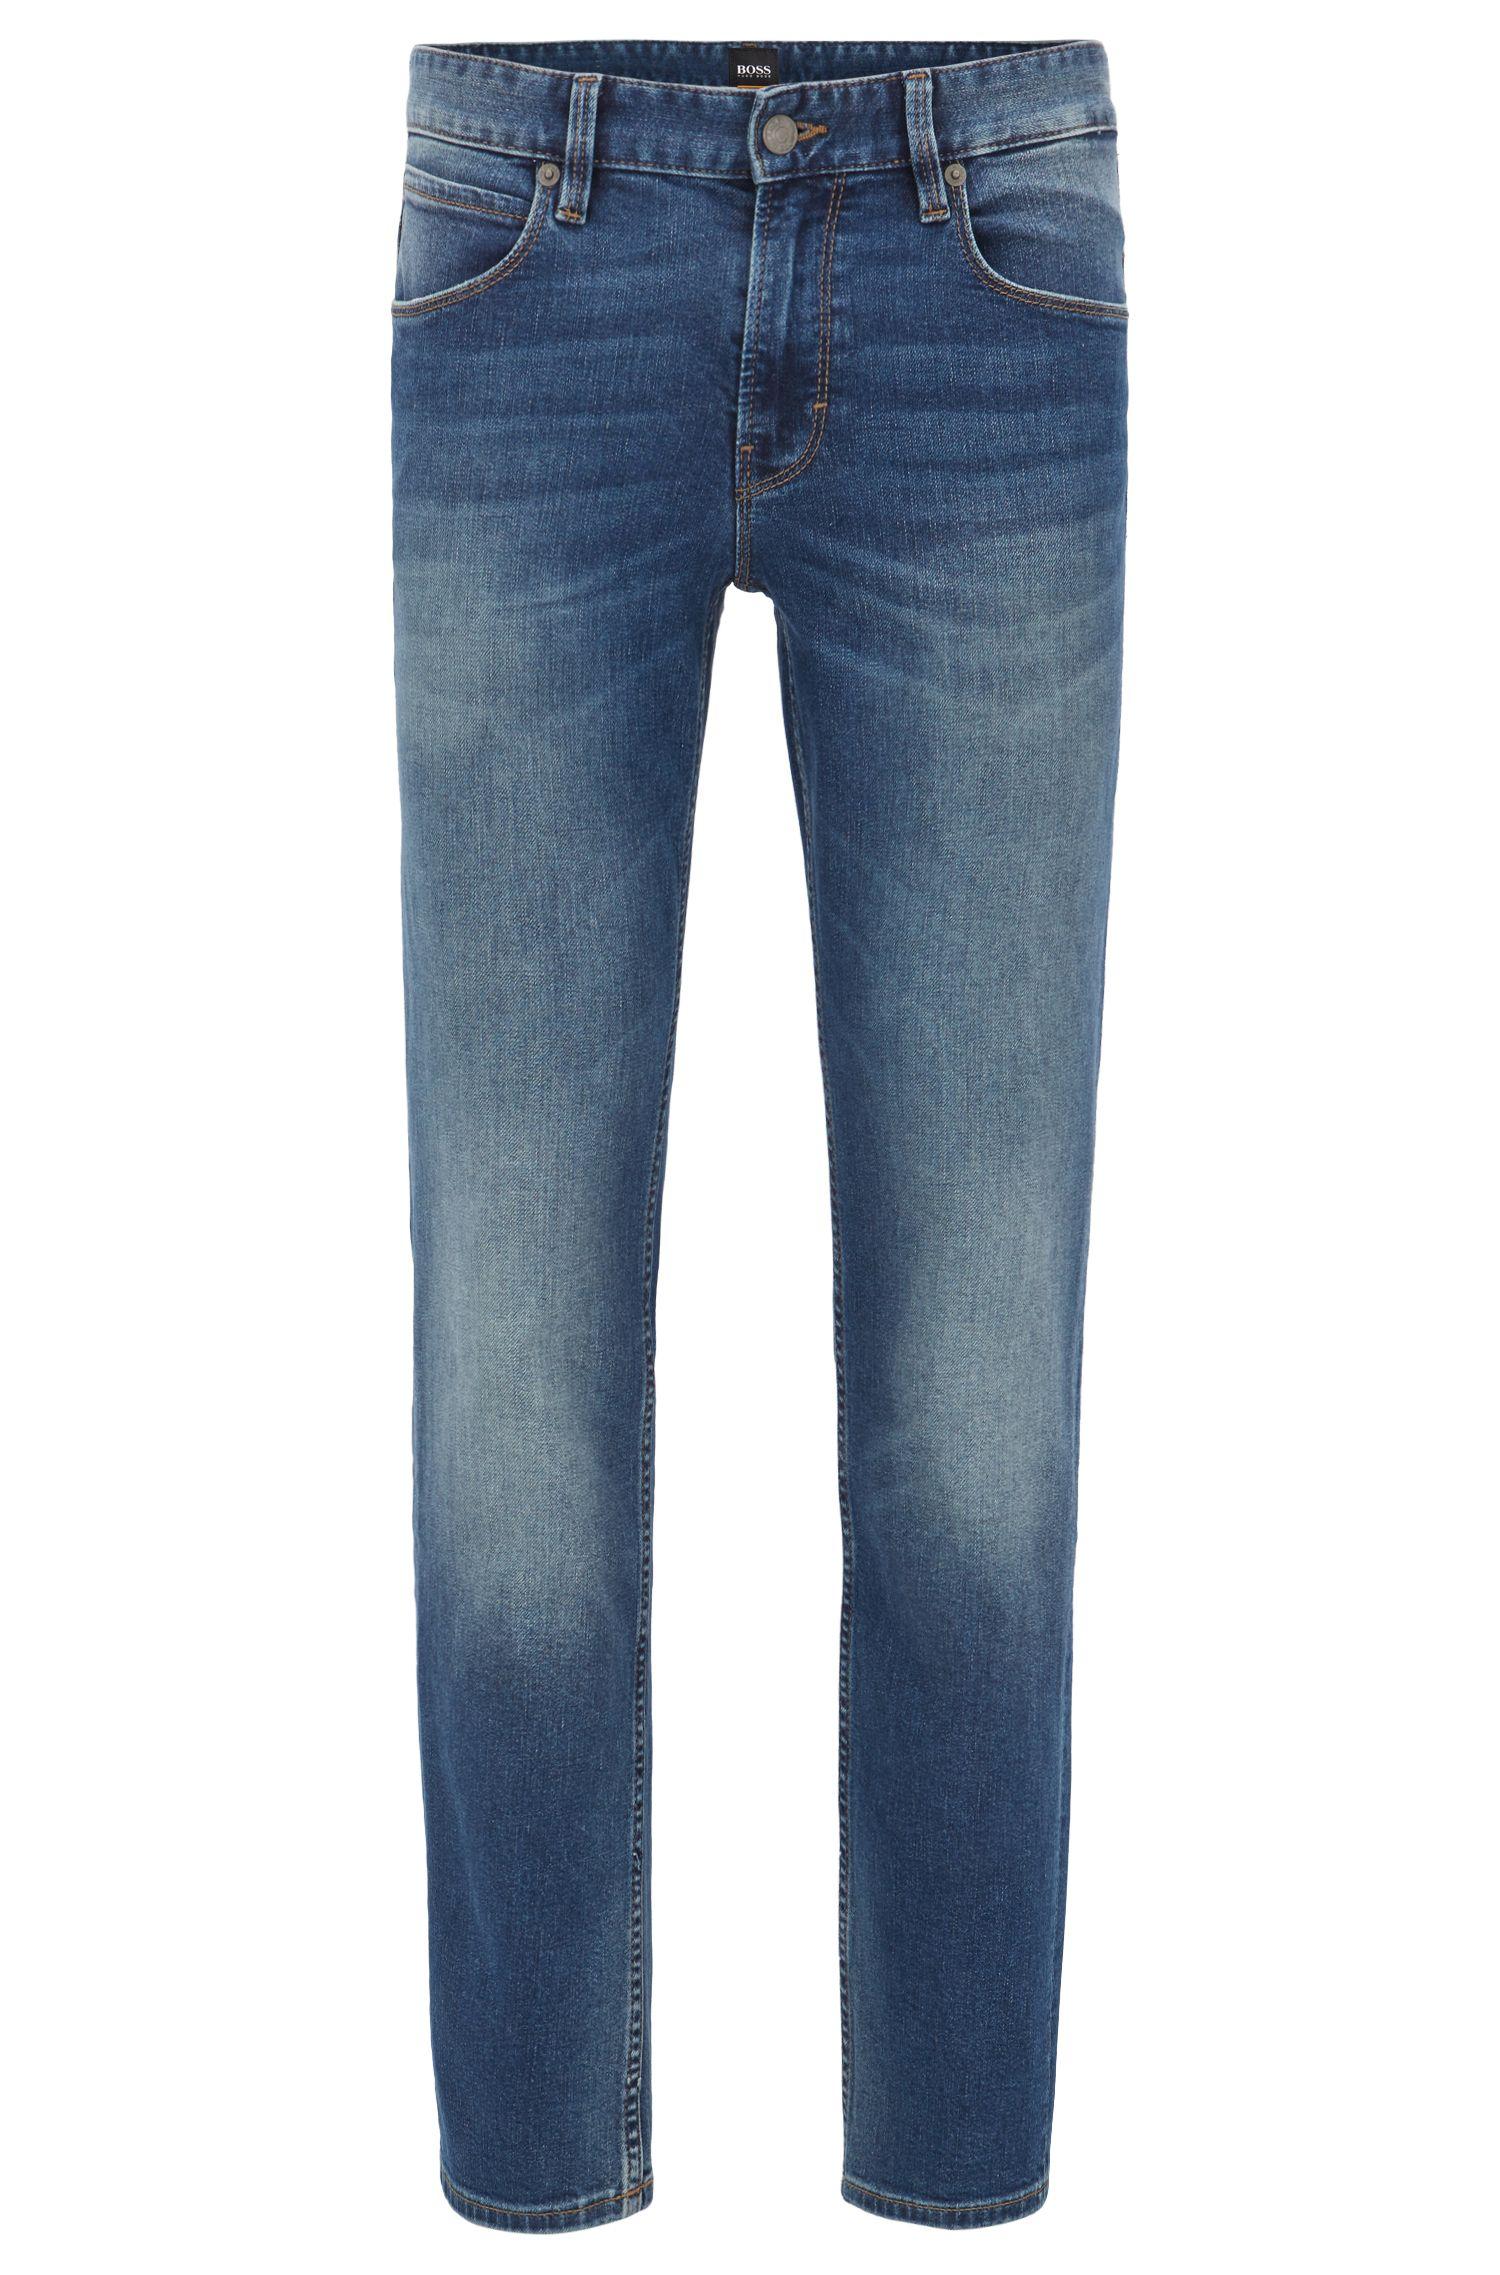 Slim-Fit Jeans in verwaschenem Indigoblau